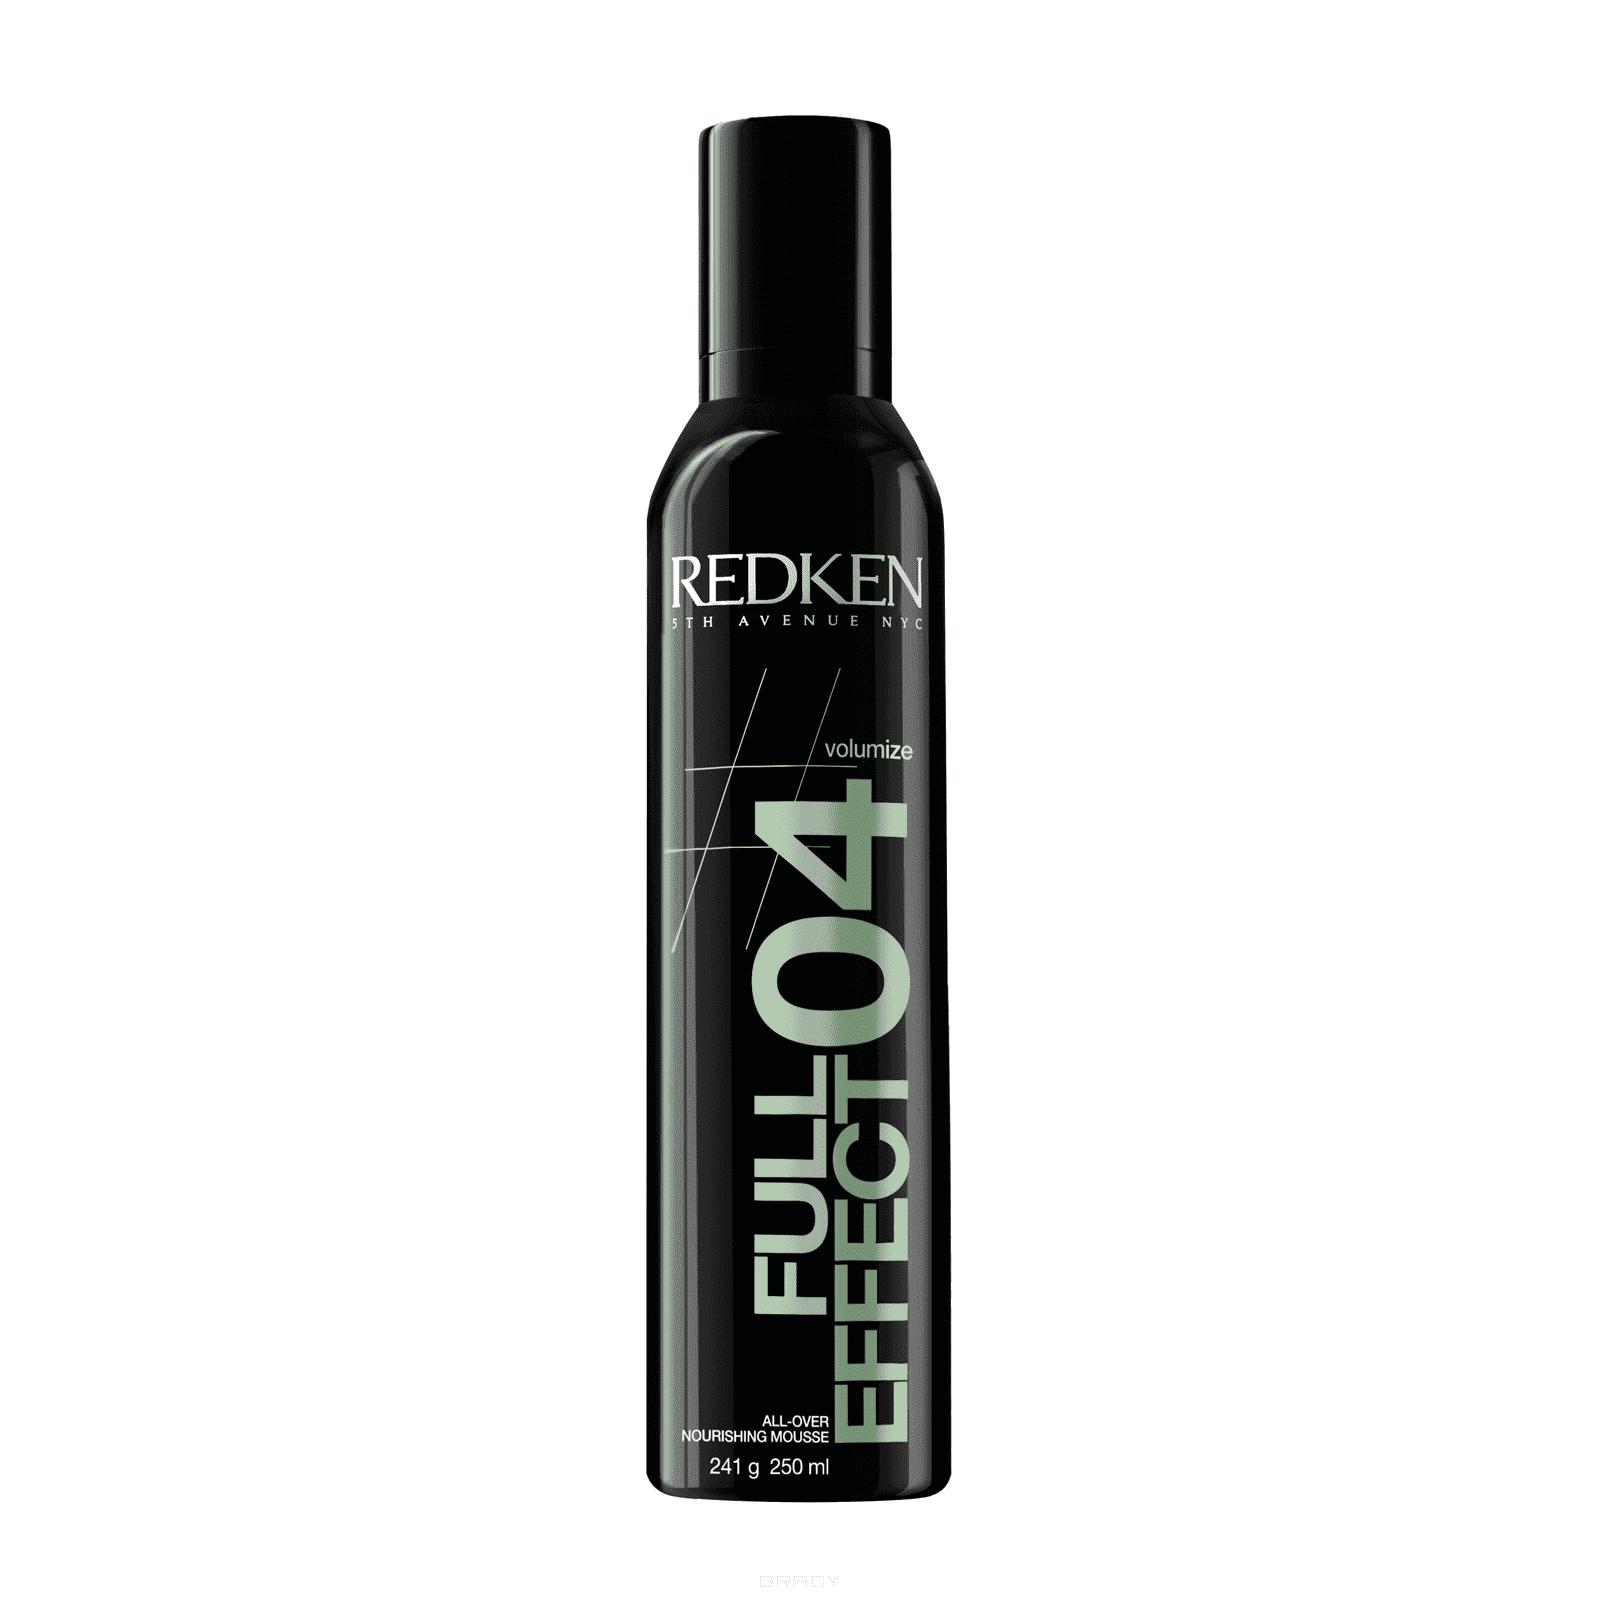 Redken, Увлажняющий мусс-объем для волос Full Effect 04, 250 мл